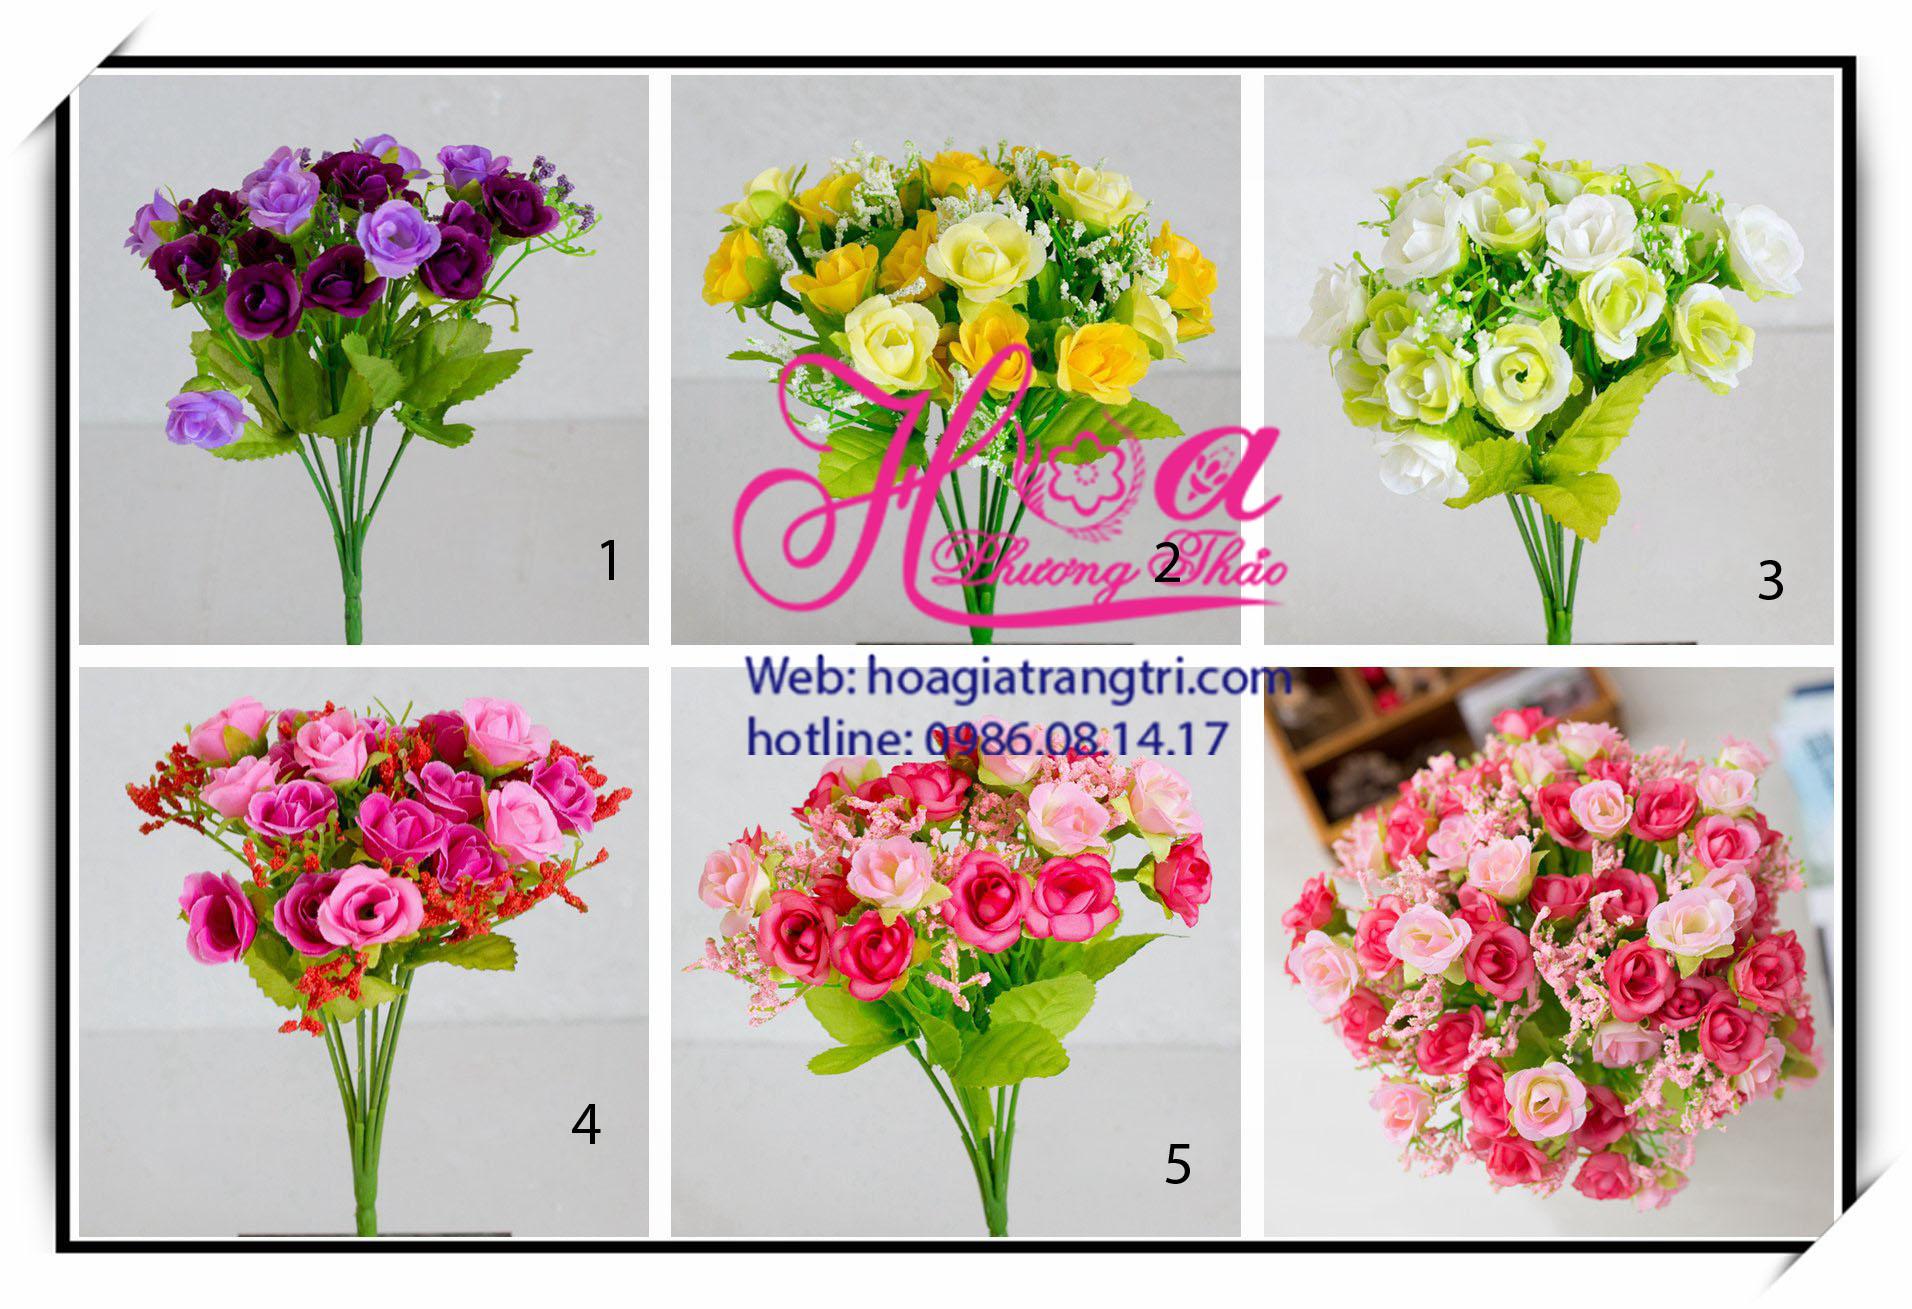 Hoa giả trang trí đẹp nhất Hà Thành